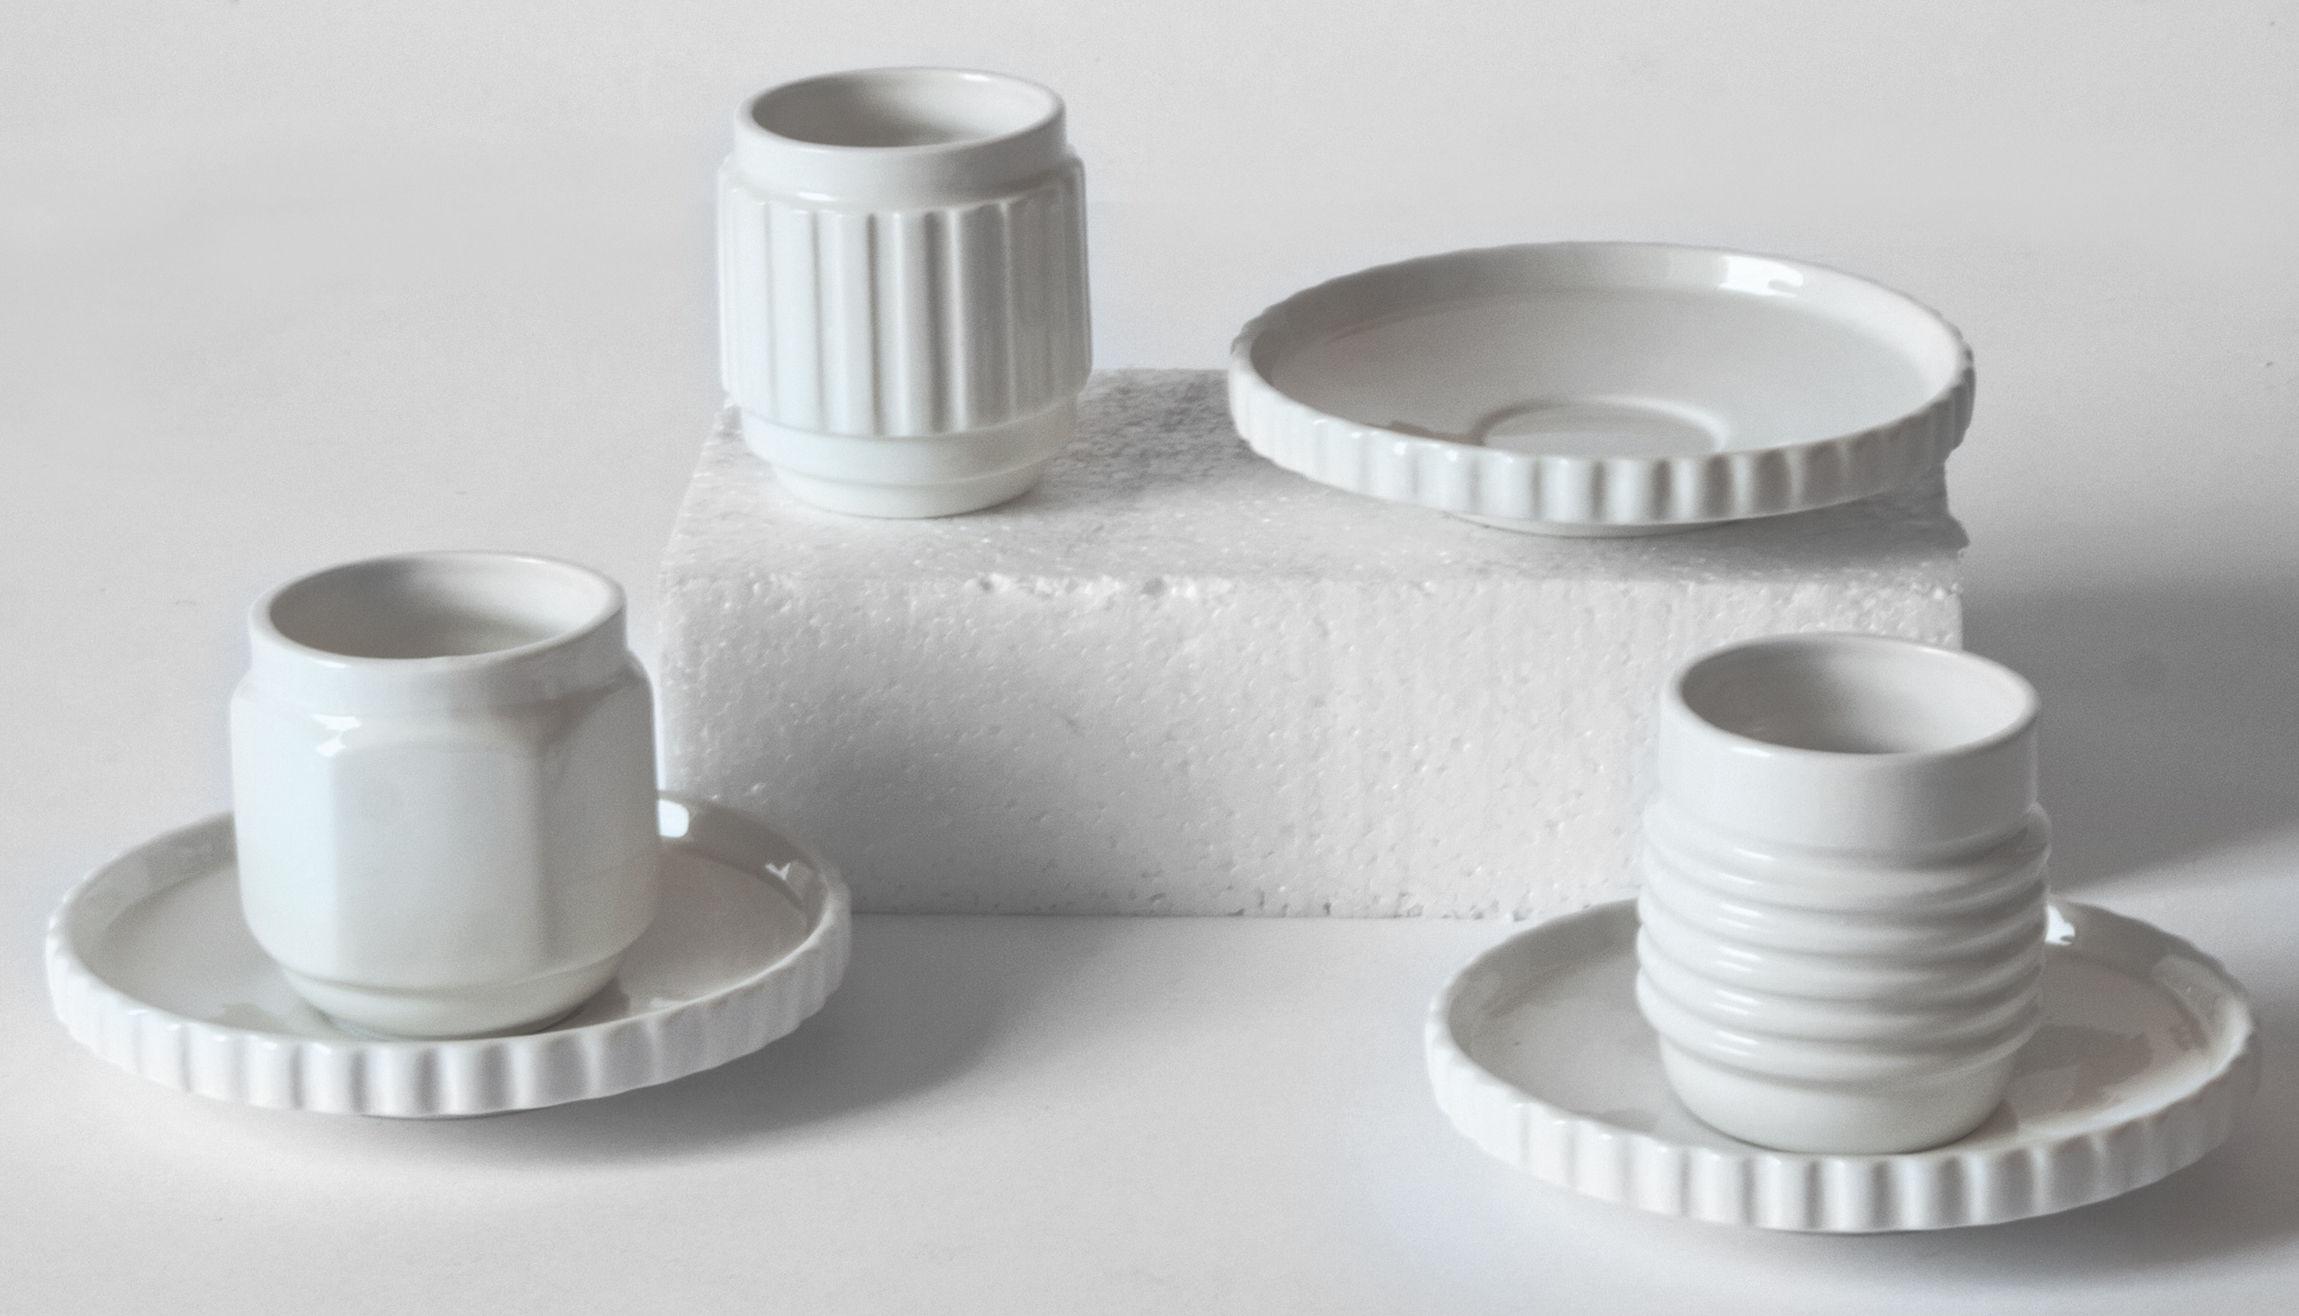 Tavola - Tazze e Boccali - Espresso tazza Machine Collection - / Set da 3 + piattini di Diesel living with Seletti - Bianco - Porcellana